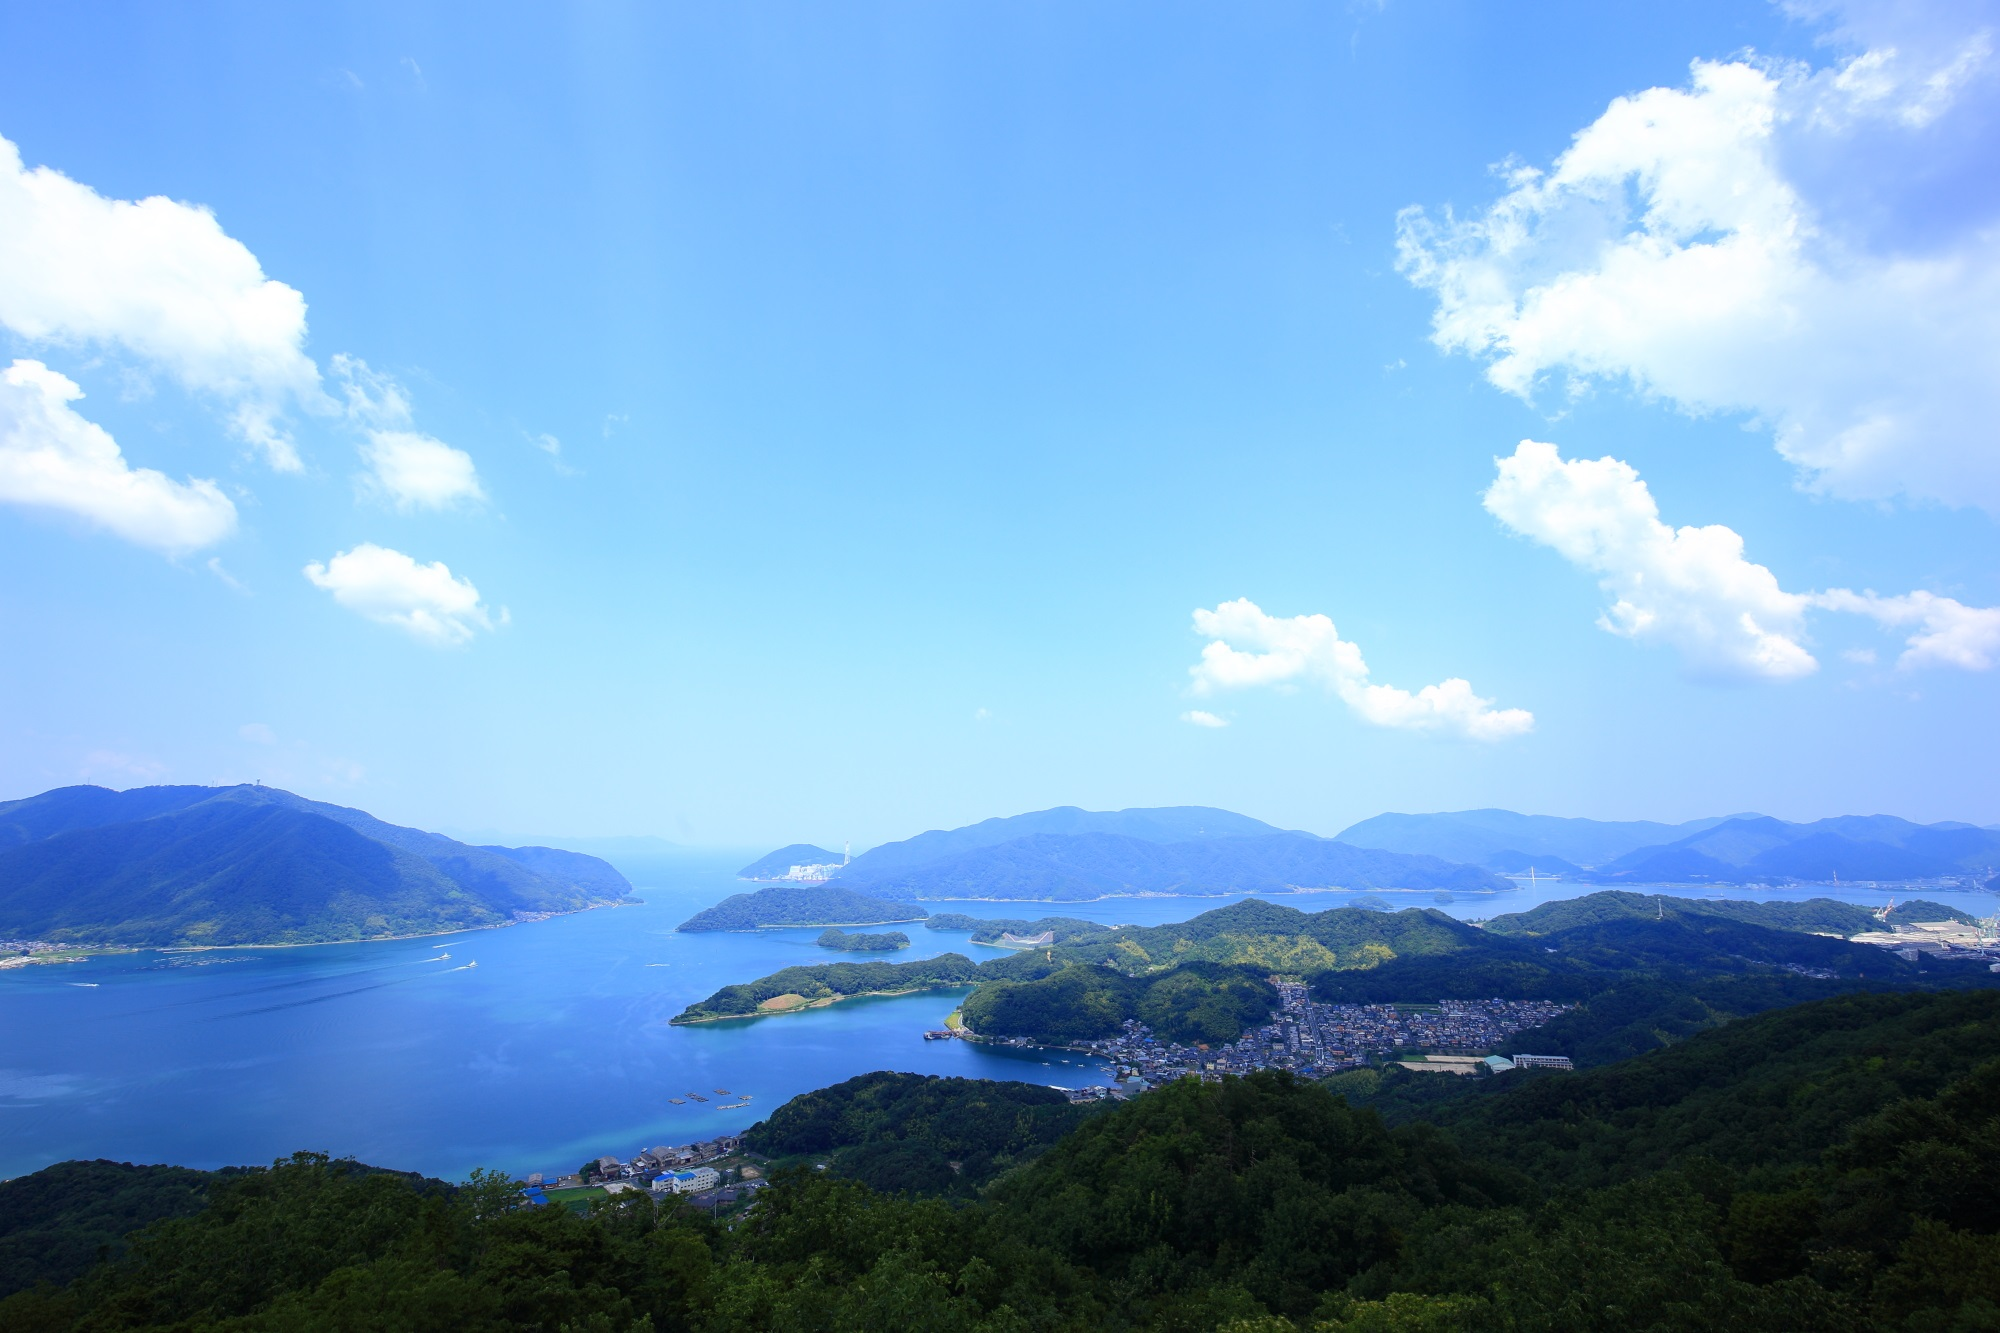 五老ヶ岳から眺めた舞鶴湾と山々